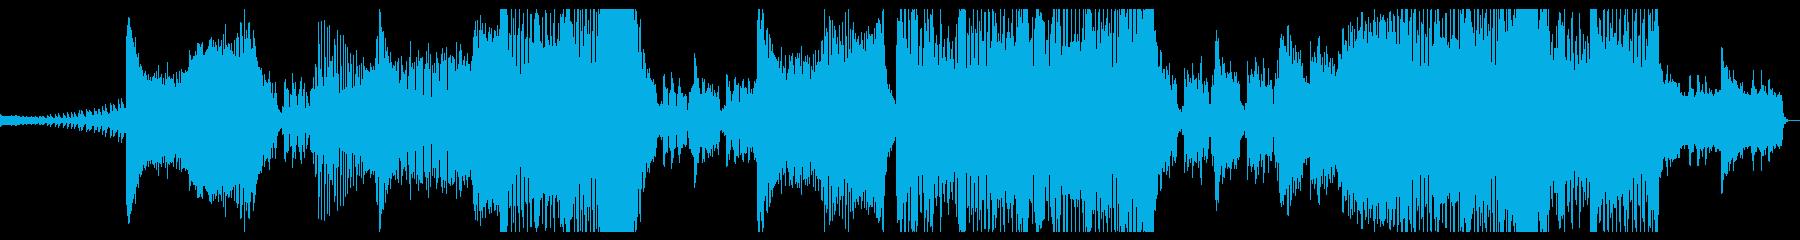 明るく元気のあるEDM風BGMの再生済みの波形